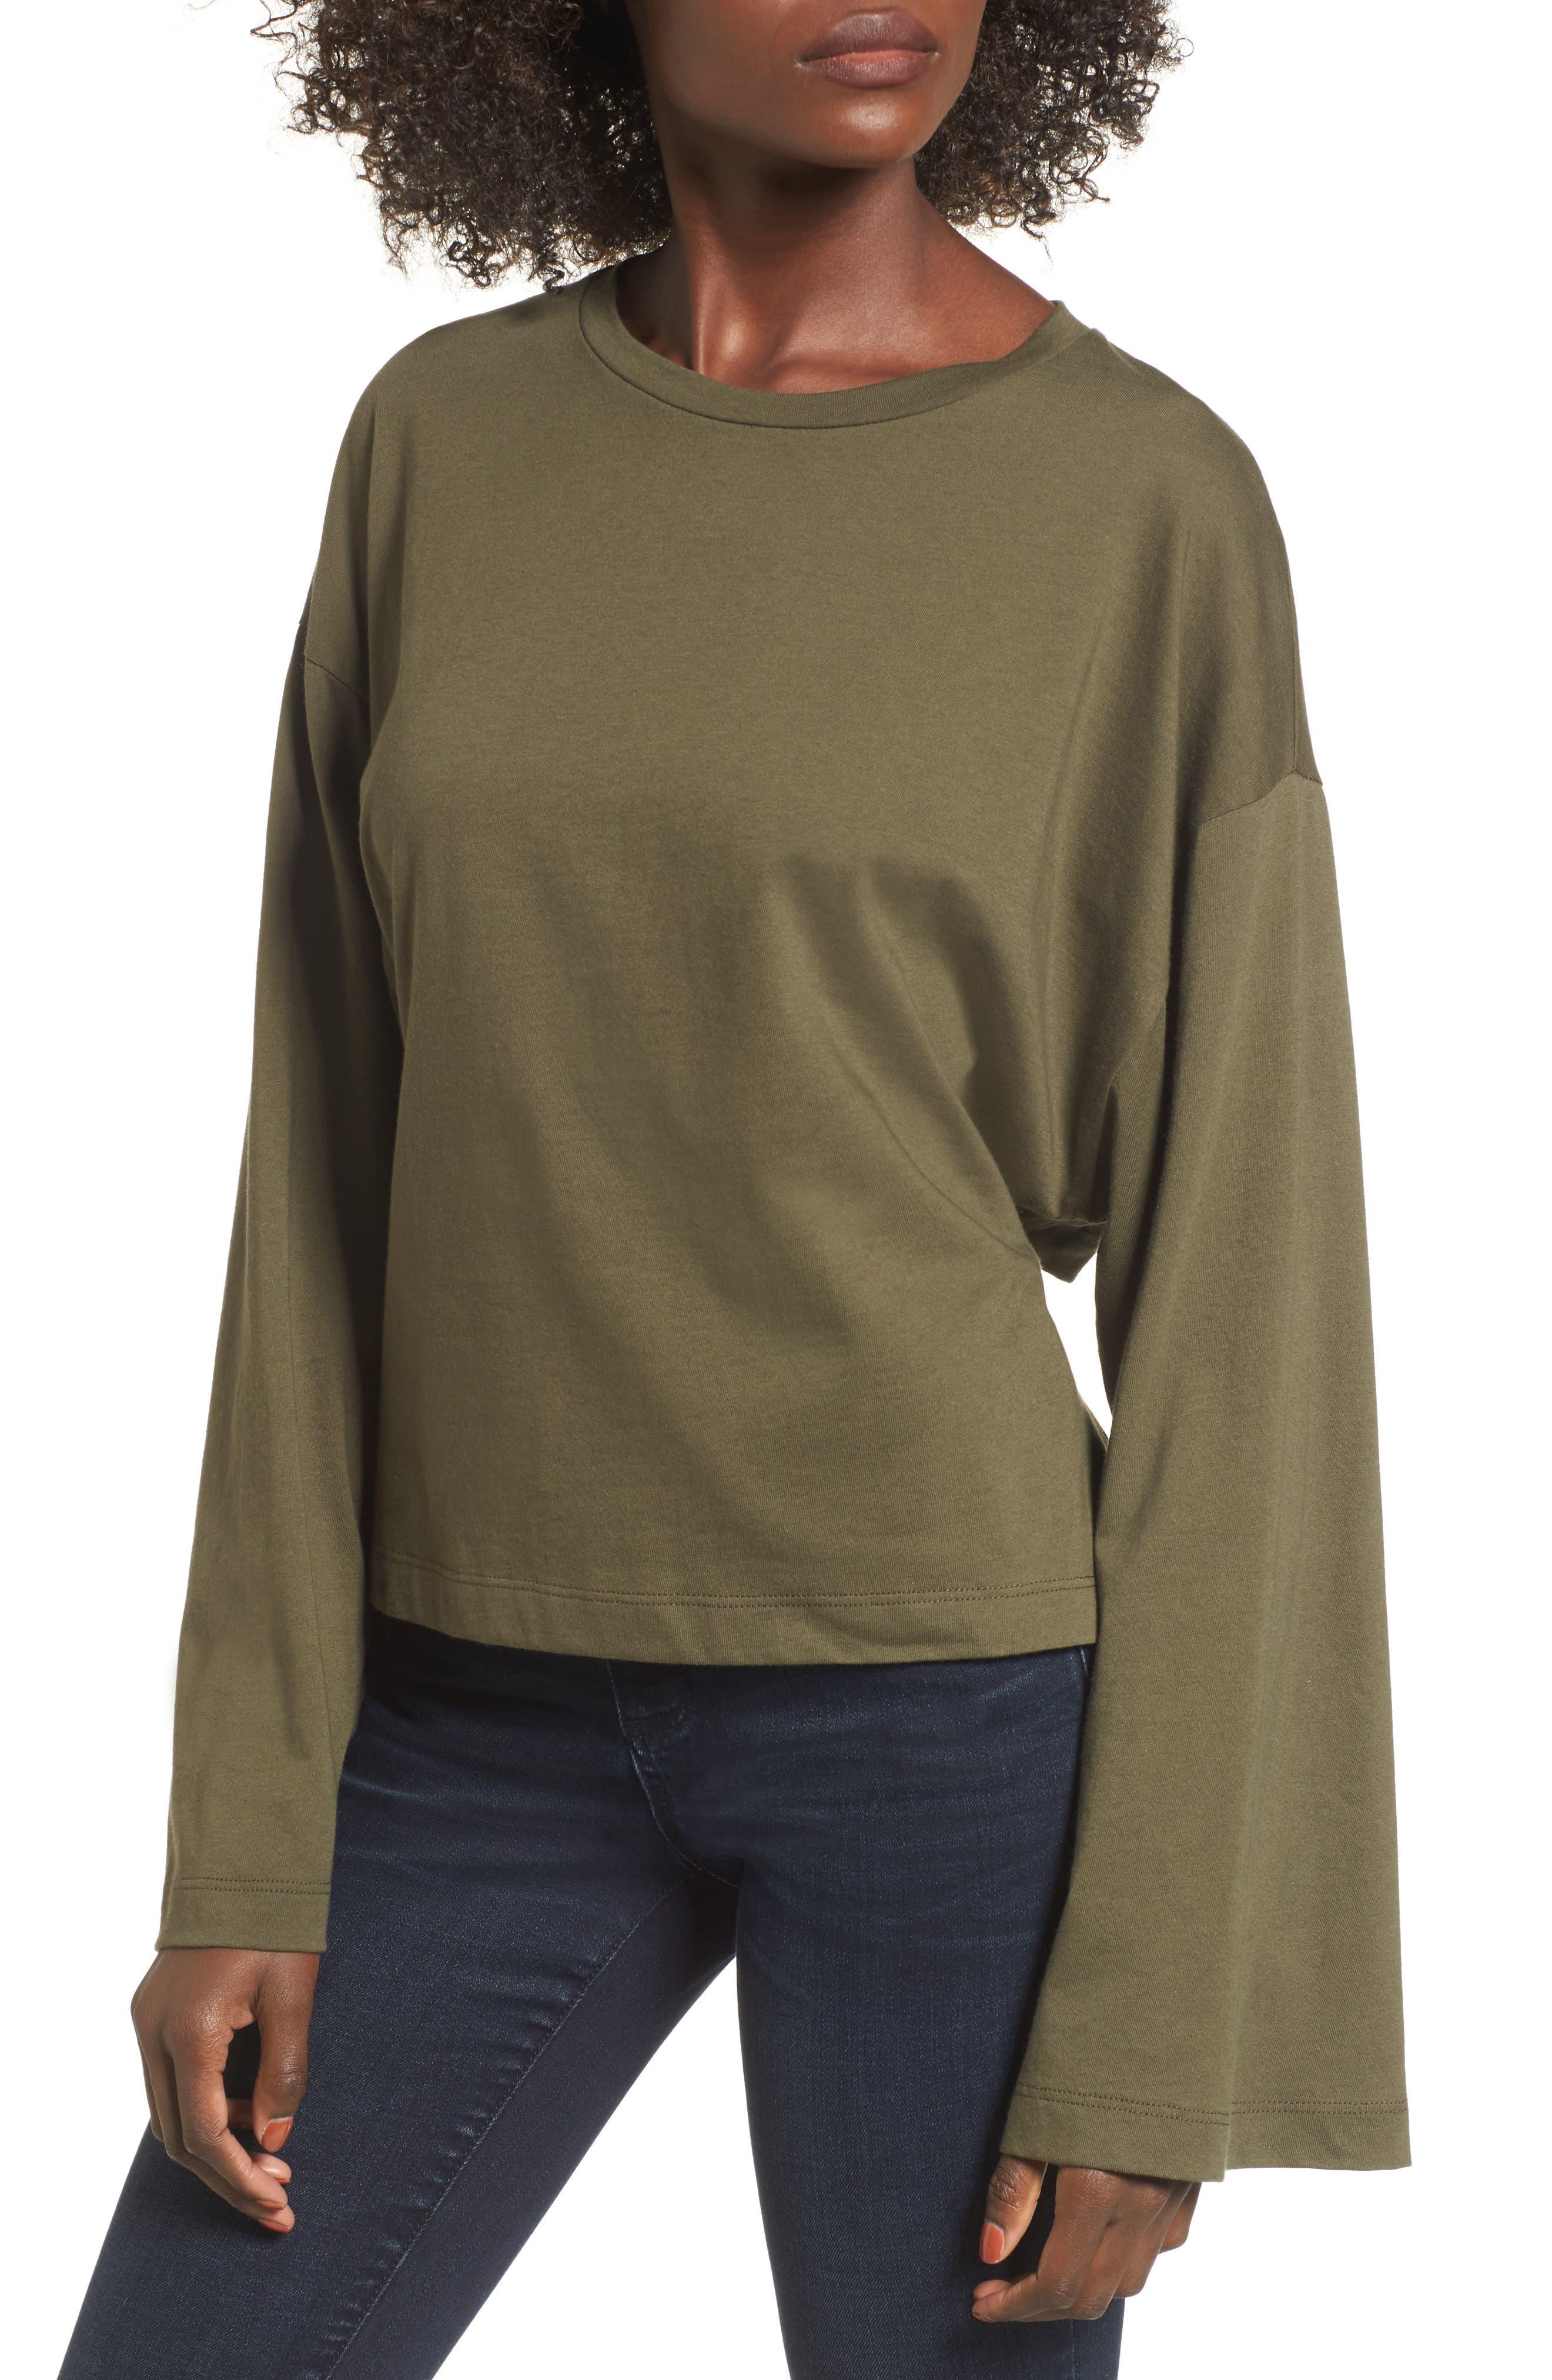 Alternate Image 1 Selected - Tie Back Bell Sleeve Top